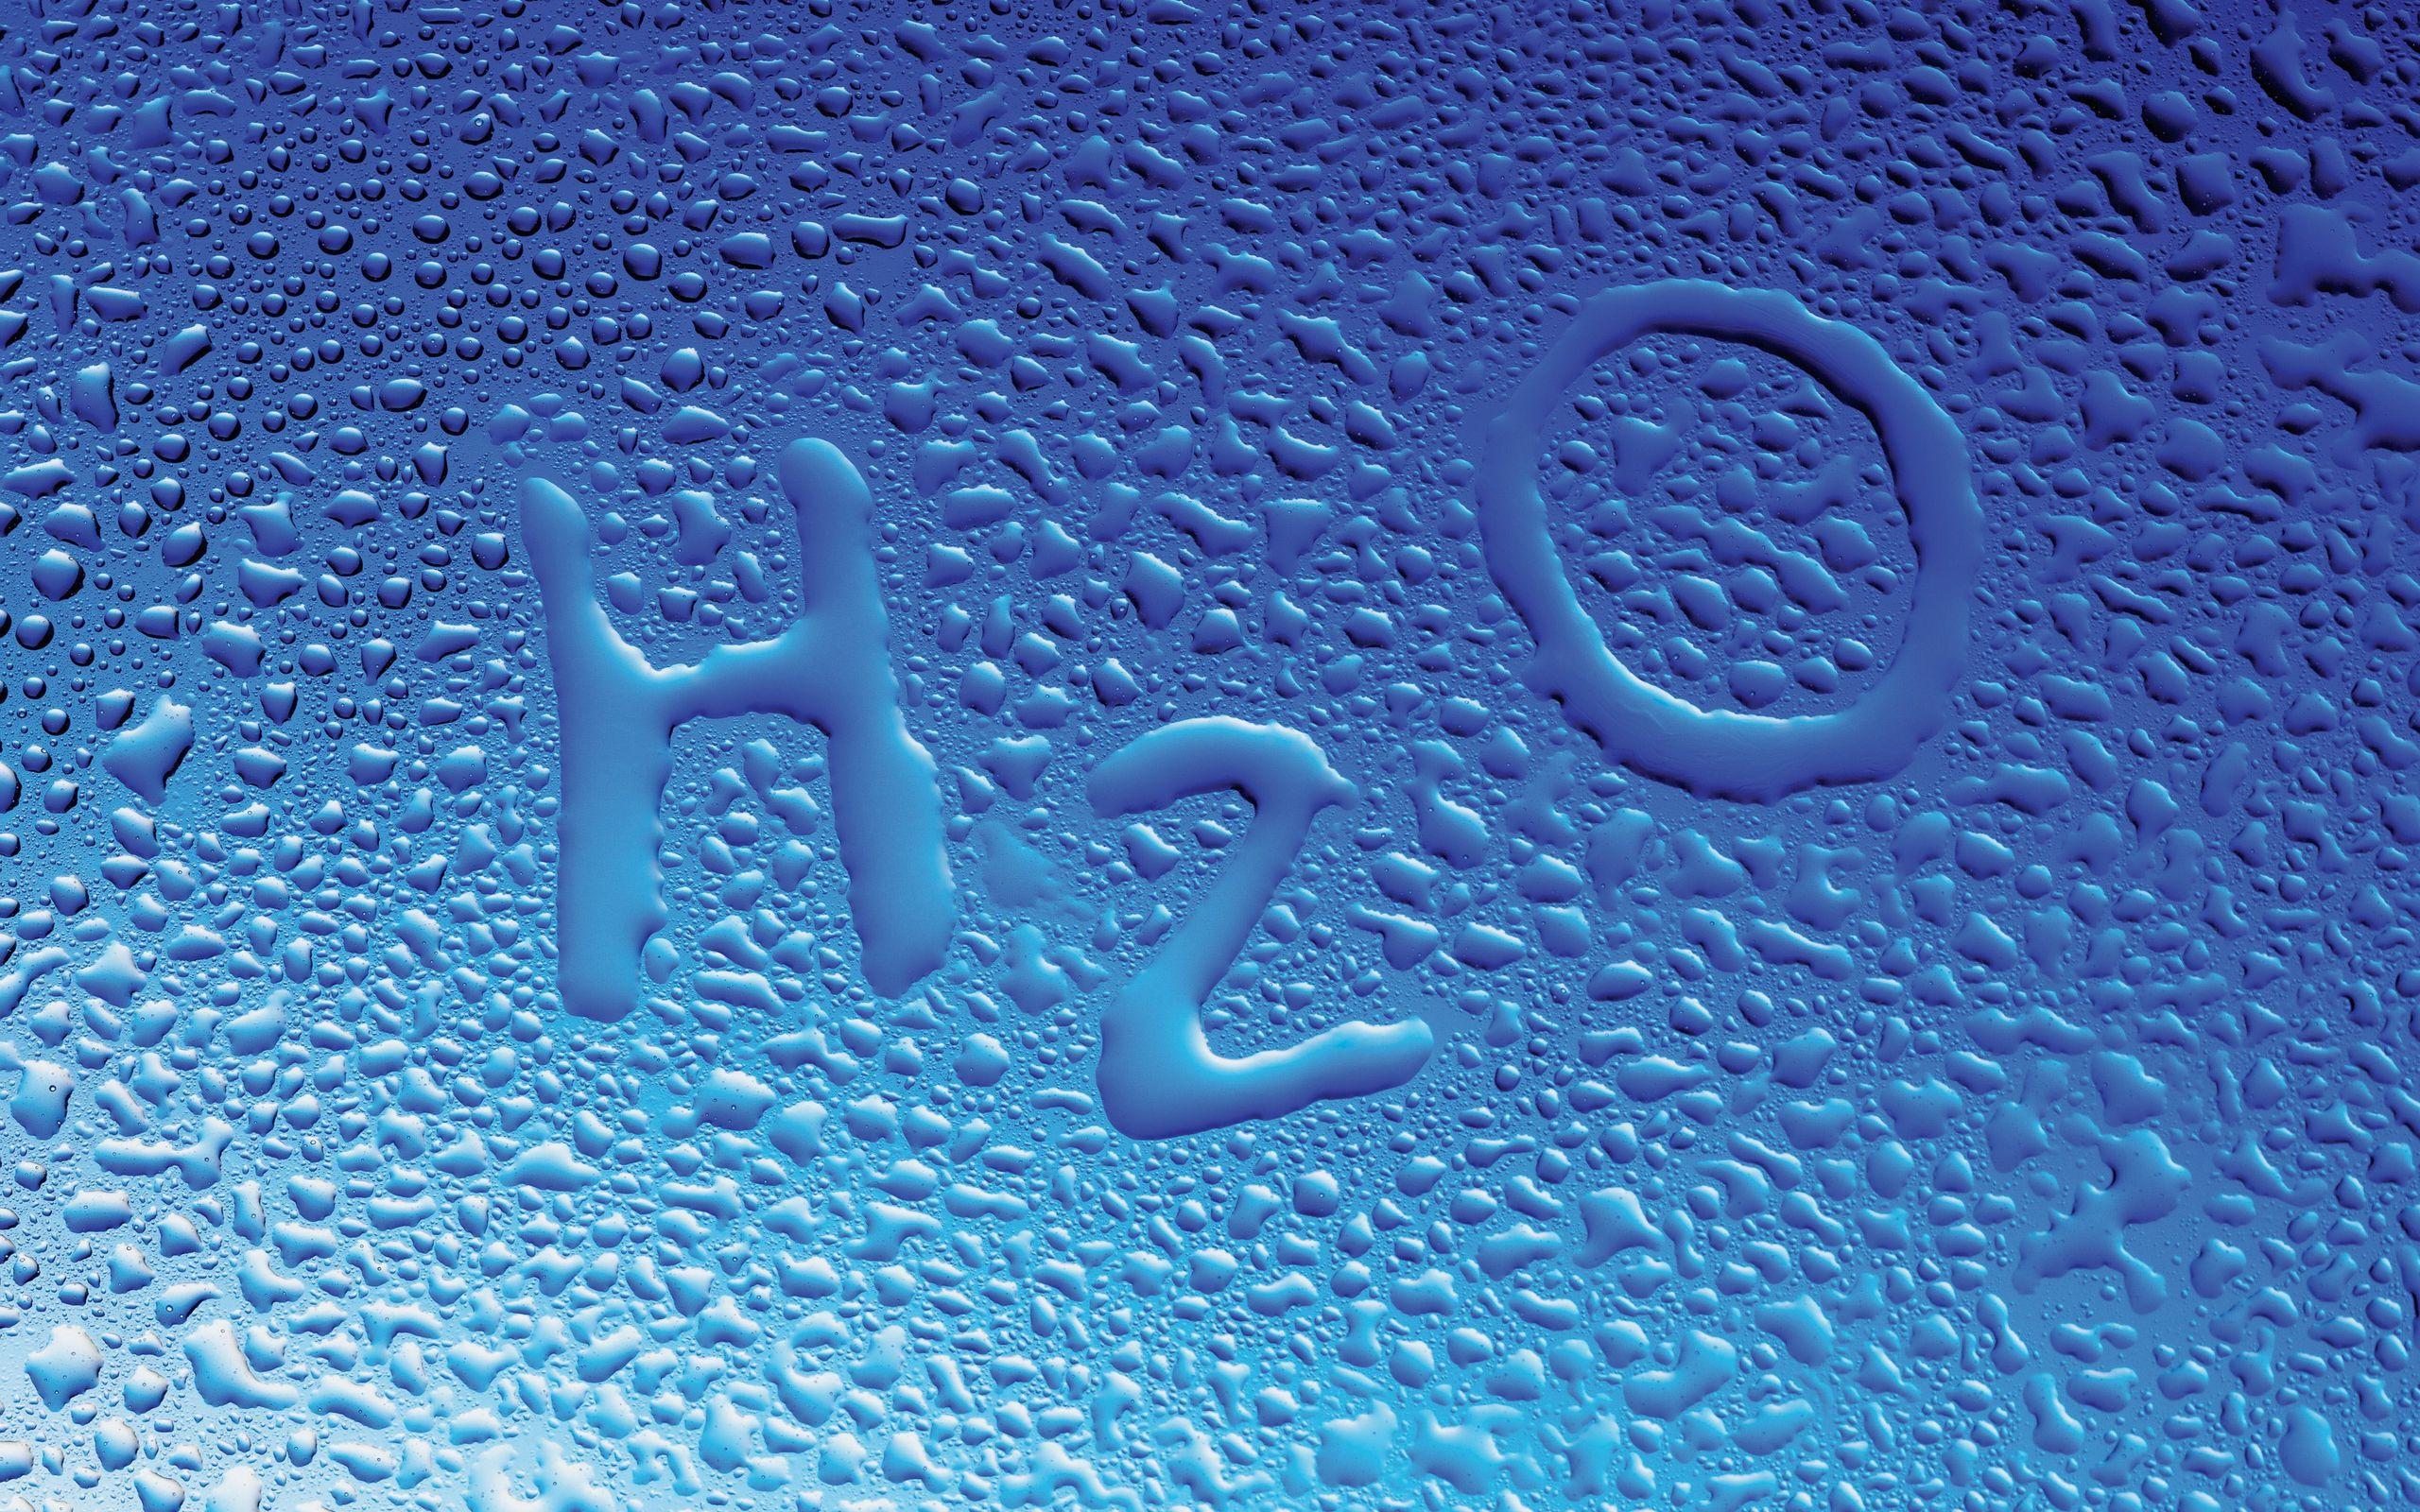 Требования киспользуемой воду содержатся вГОСТ